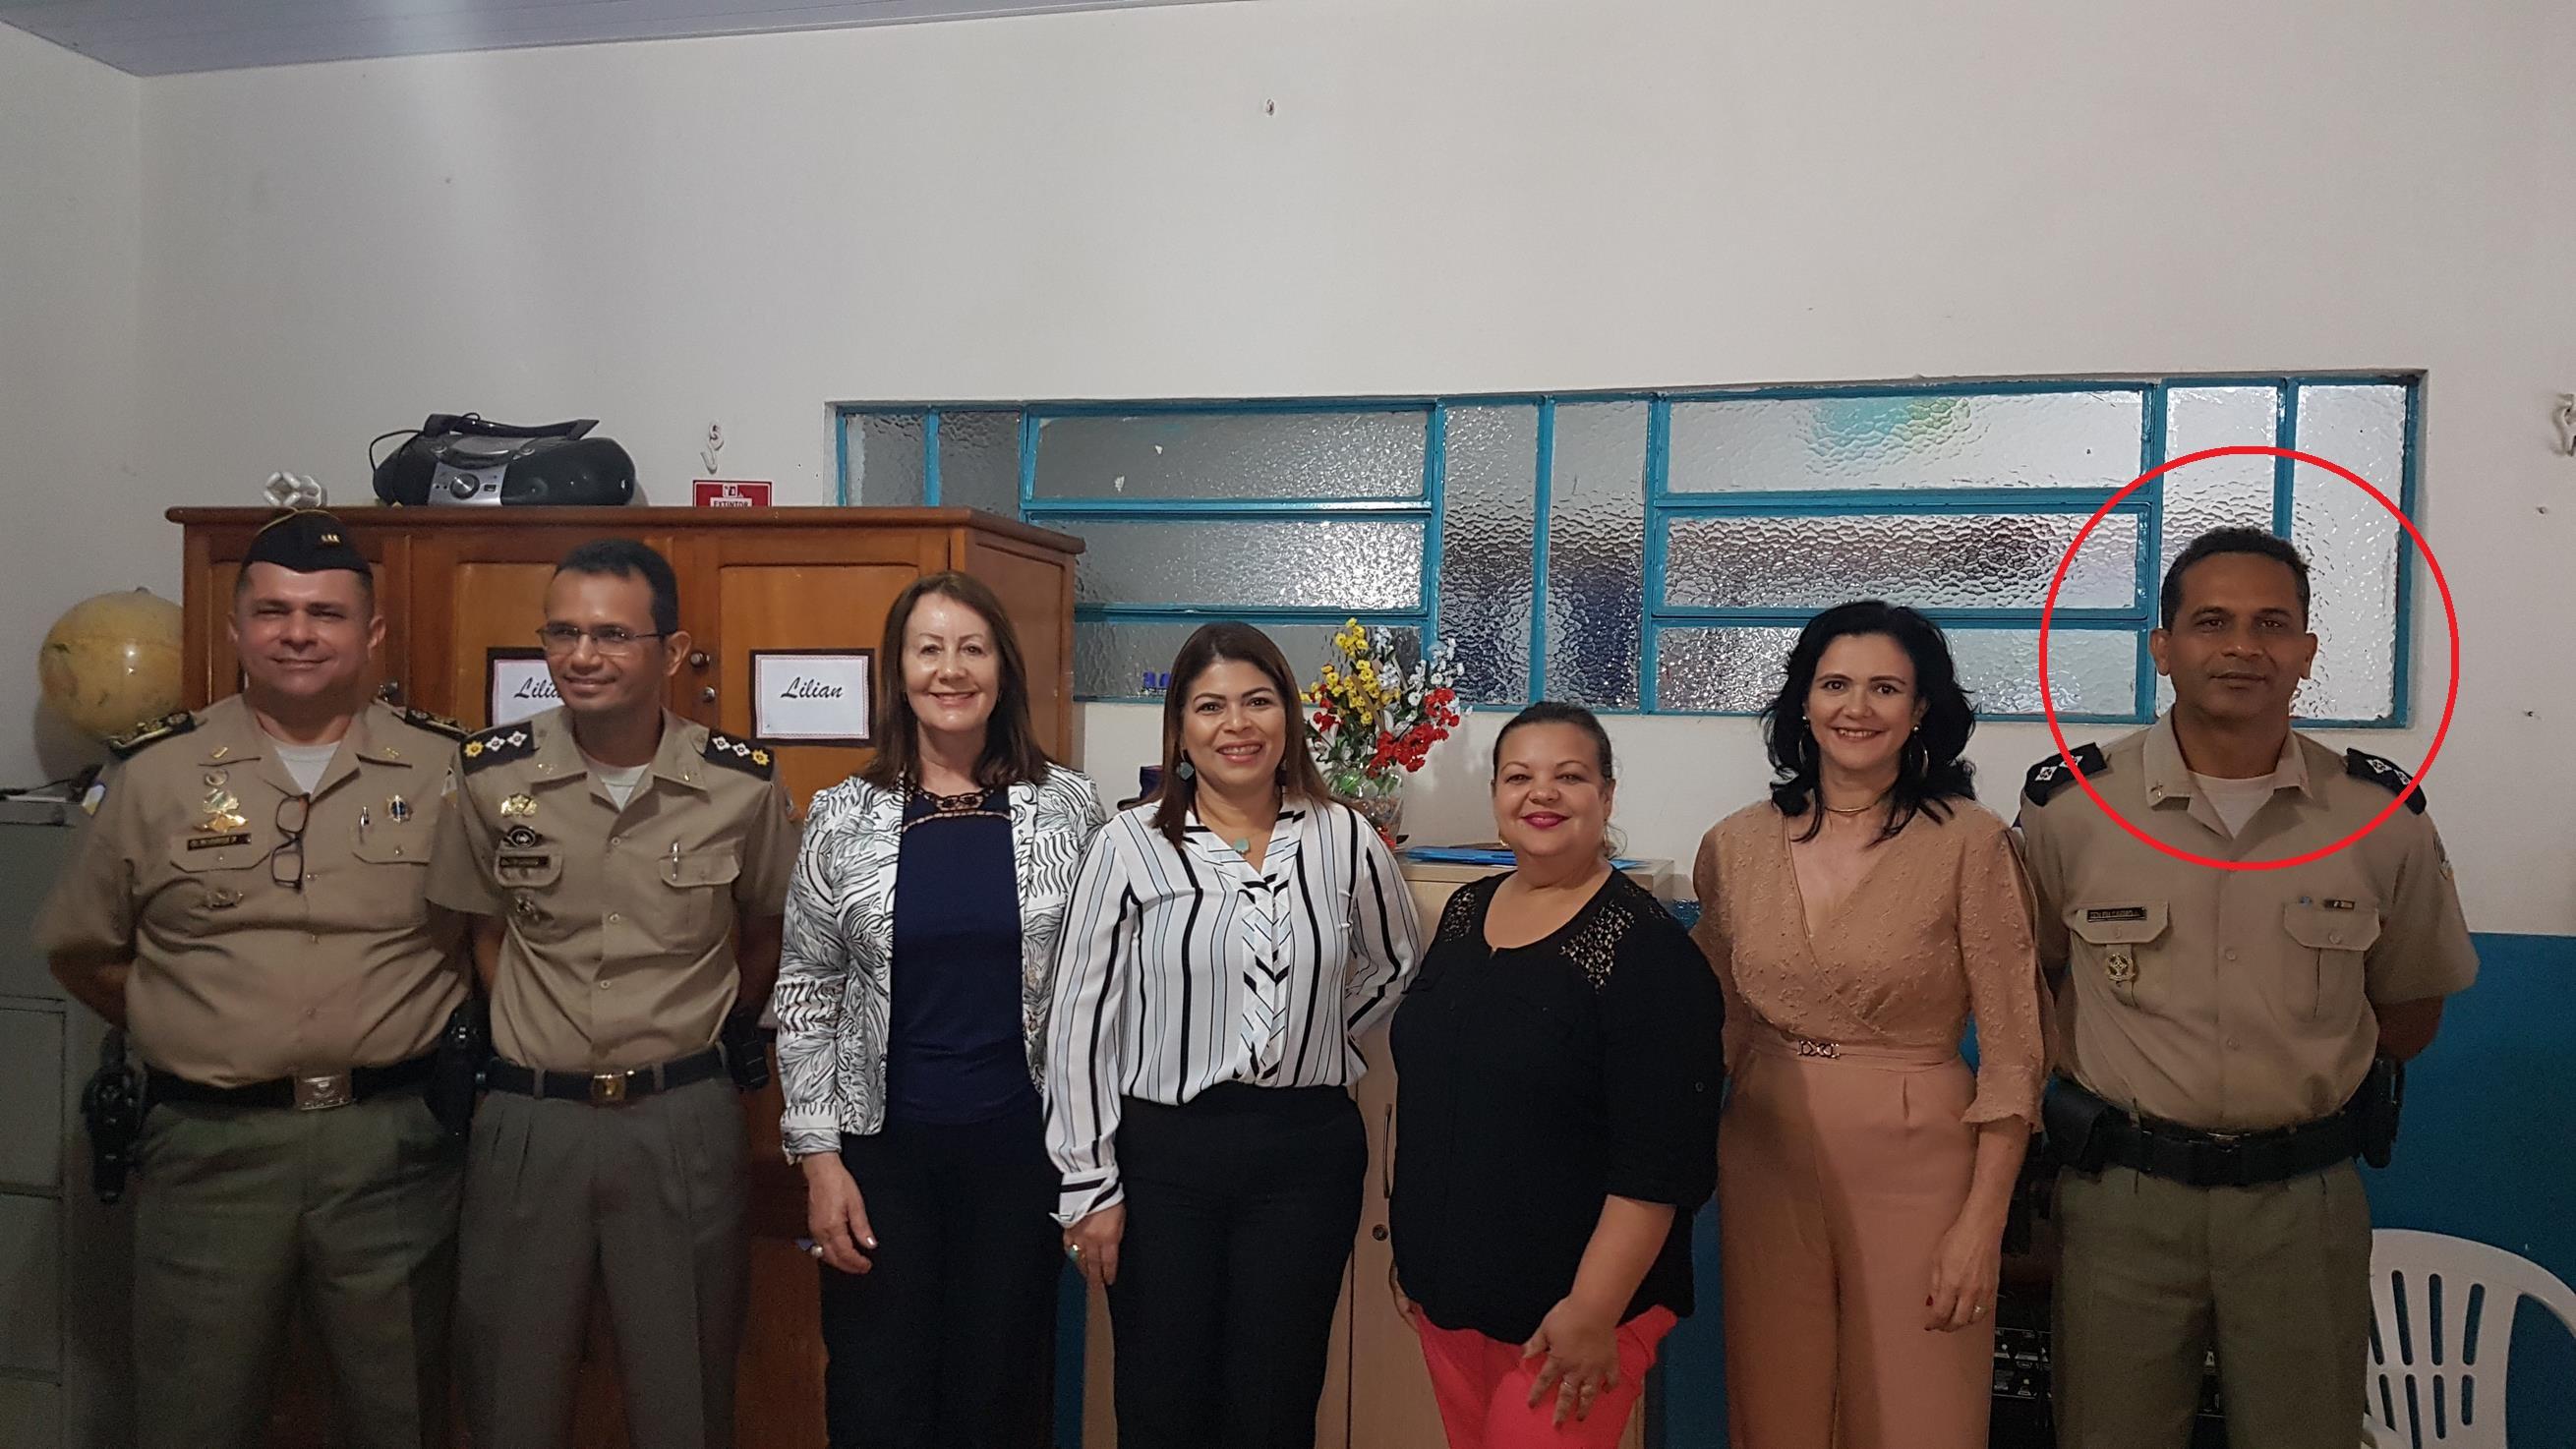 Foto: Divulgação/SEDUC-TO - O Tocantins possui 11 unidades militares na rede estadual de educação. O Colégio Militar de Guaraí vai atender inicialmente cerca de 400 alunos no espaço provisório.